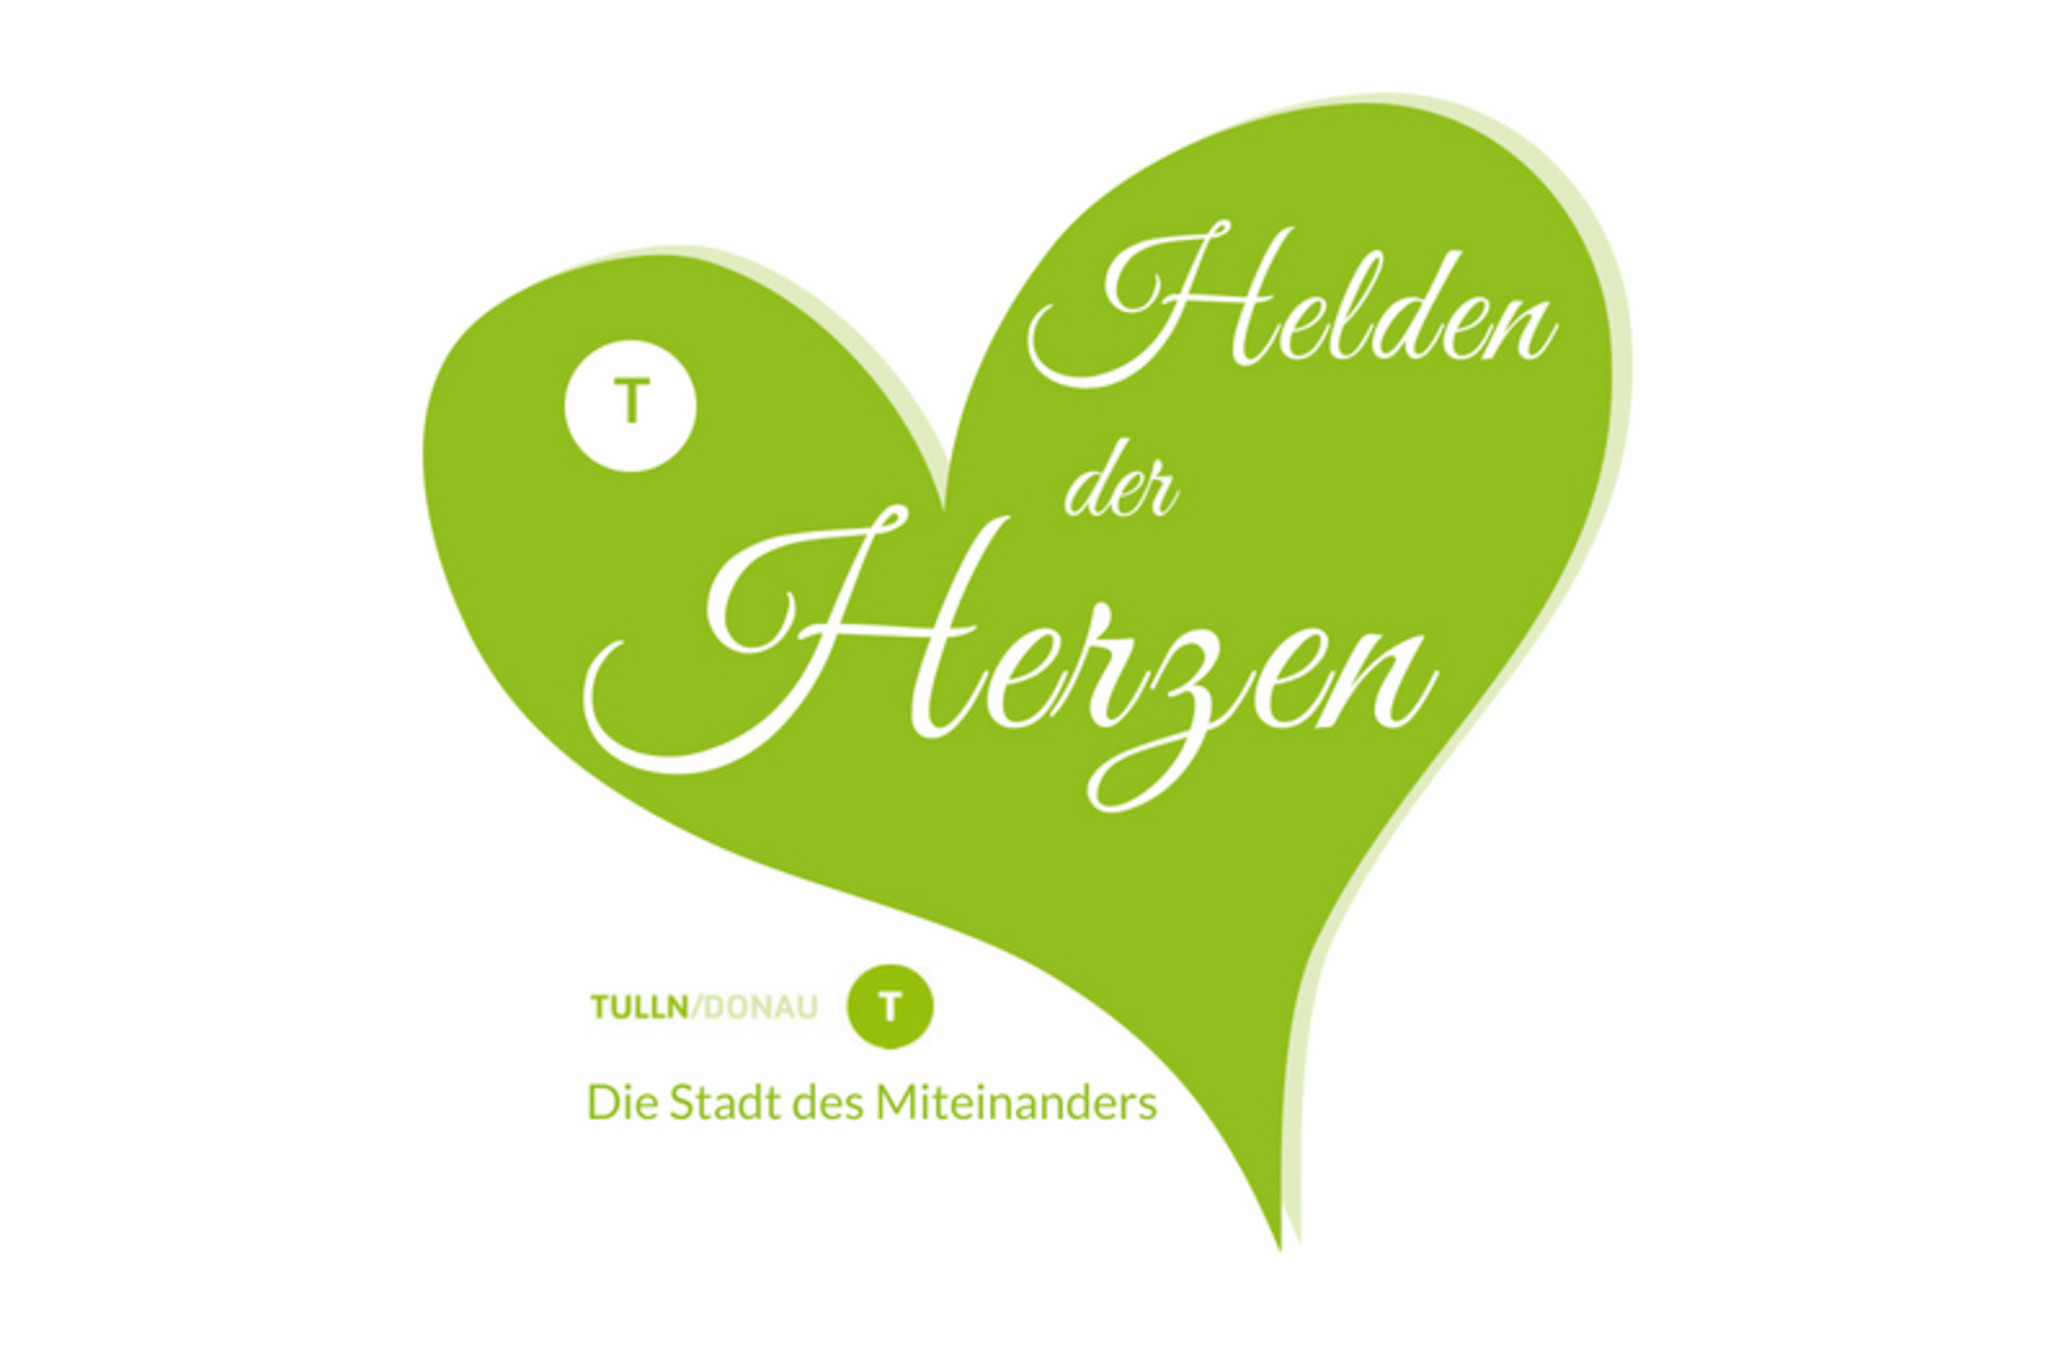 Dating Tulln An Der Donau - flirte im Chat von chad-manufacturing.com